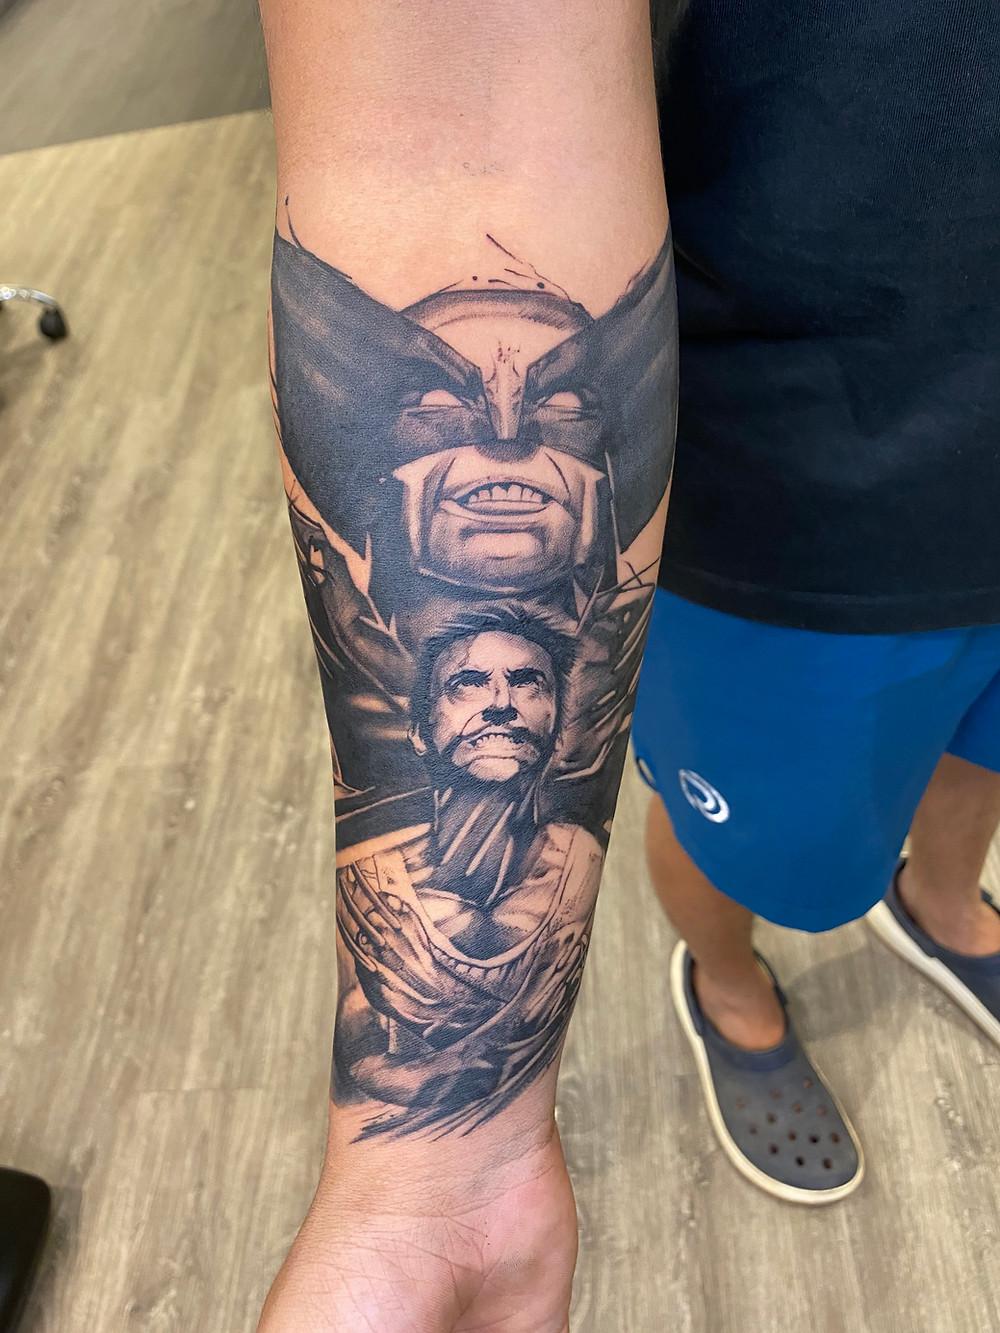 Tattoo Games : X-Men Origins: Wolverine On Arm